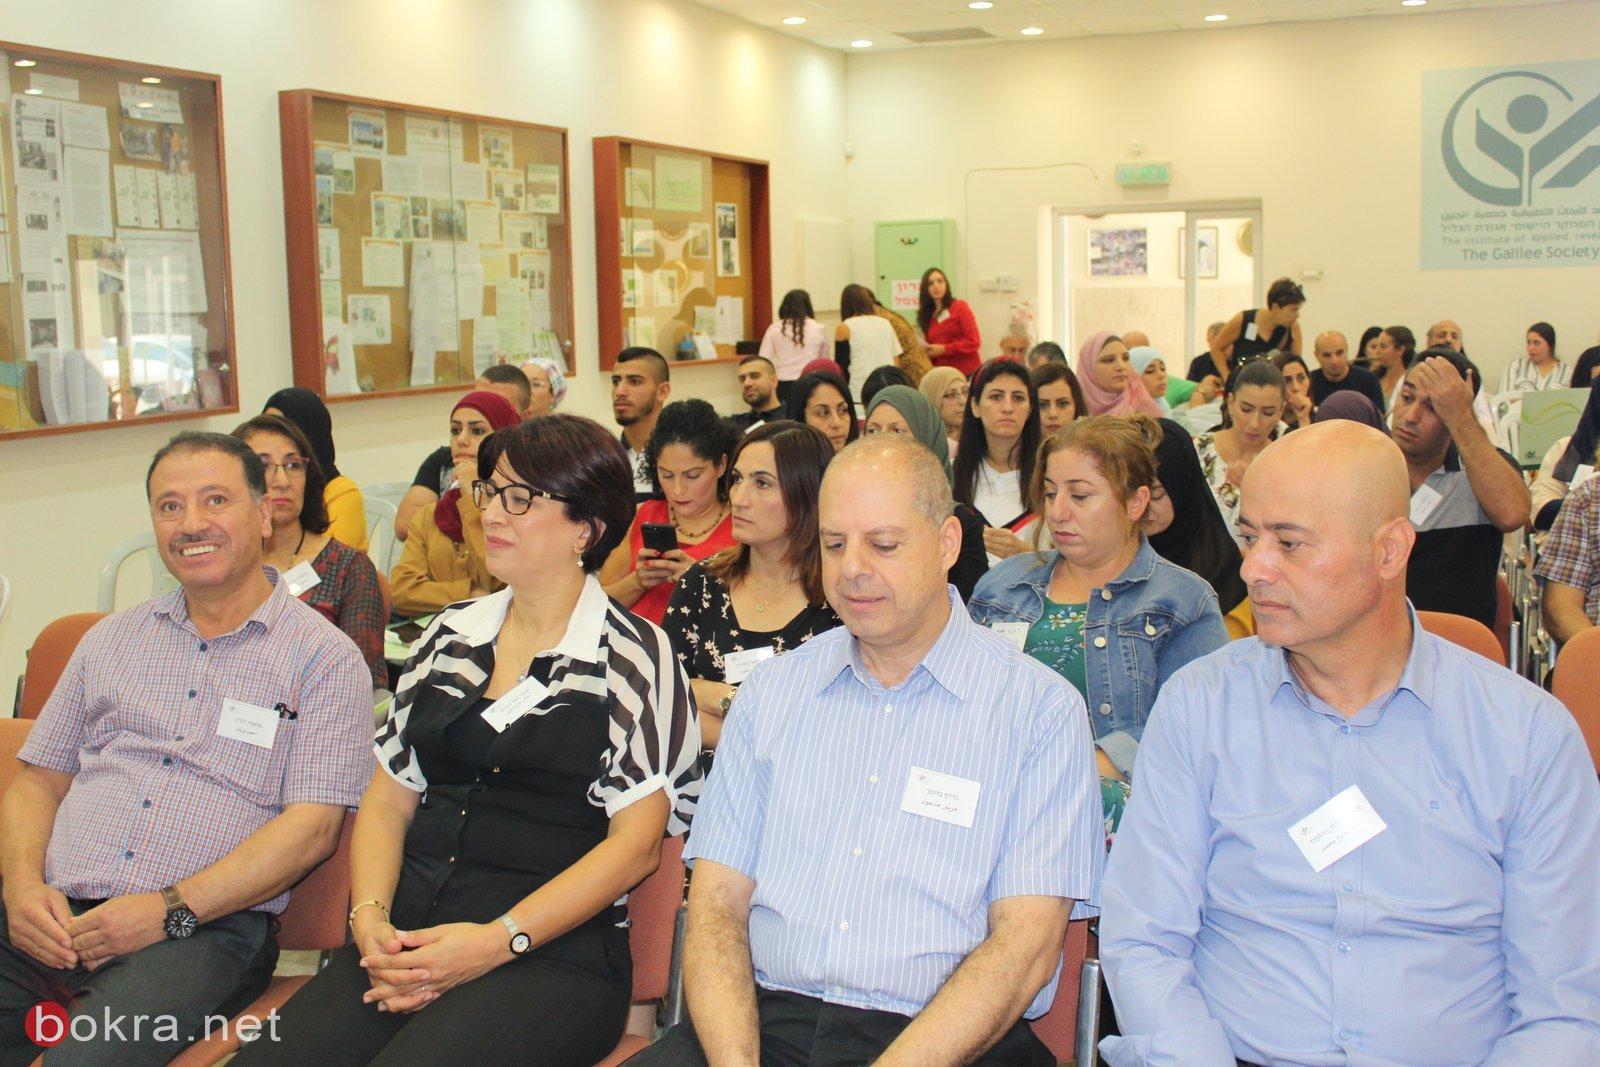 جمعية الجليل تطلق مؤتمرها العلمي السنوي للعام 2019 -17